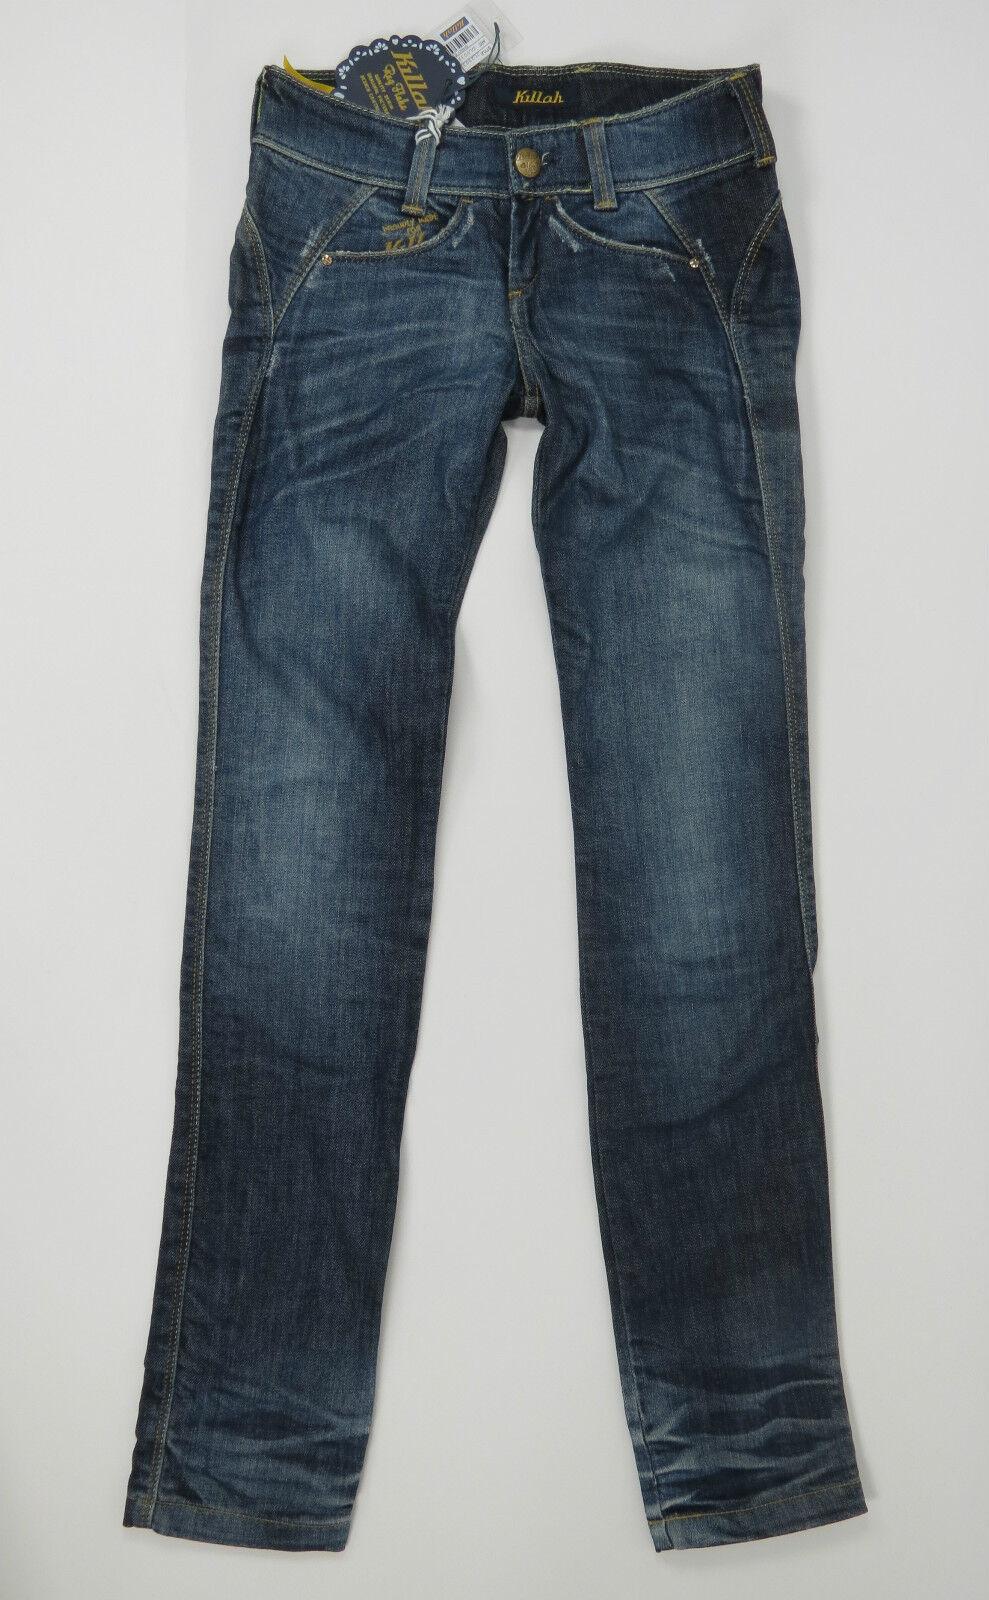 Killah Jeans Brillant Ebel Pantalon (Kenneth K) Dl0033 Jl2003 L00p29 + Nouveau +